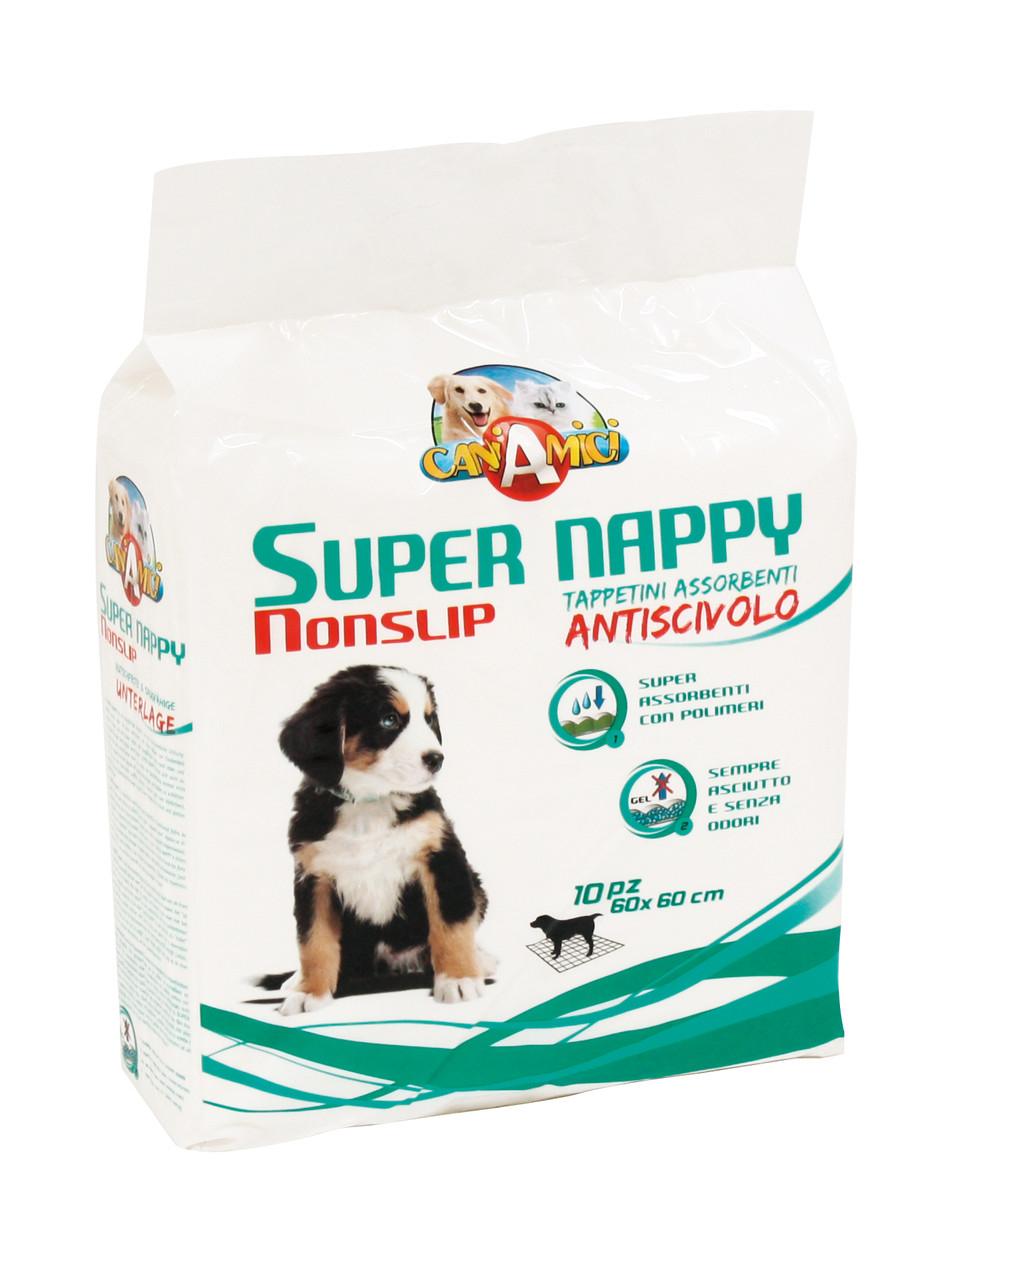 Одноразовые пеленки Croci Super nappy. Для собак 60*60 см антискользящие (10шт/уп)